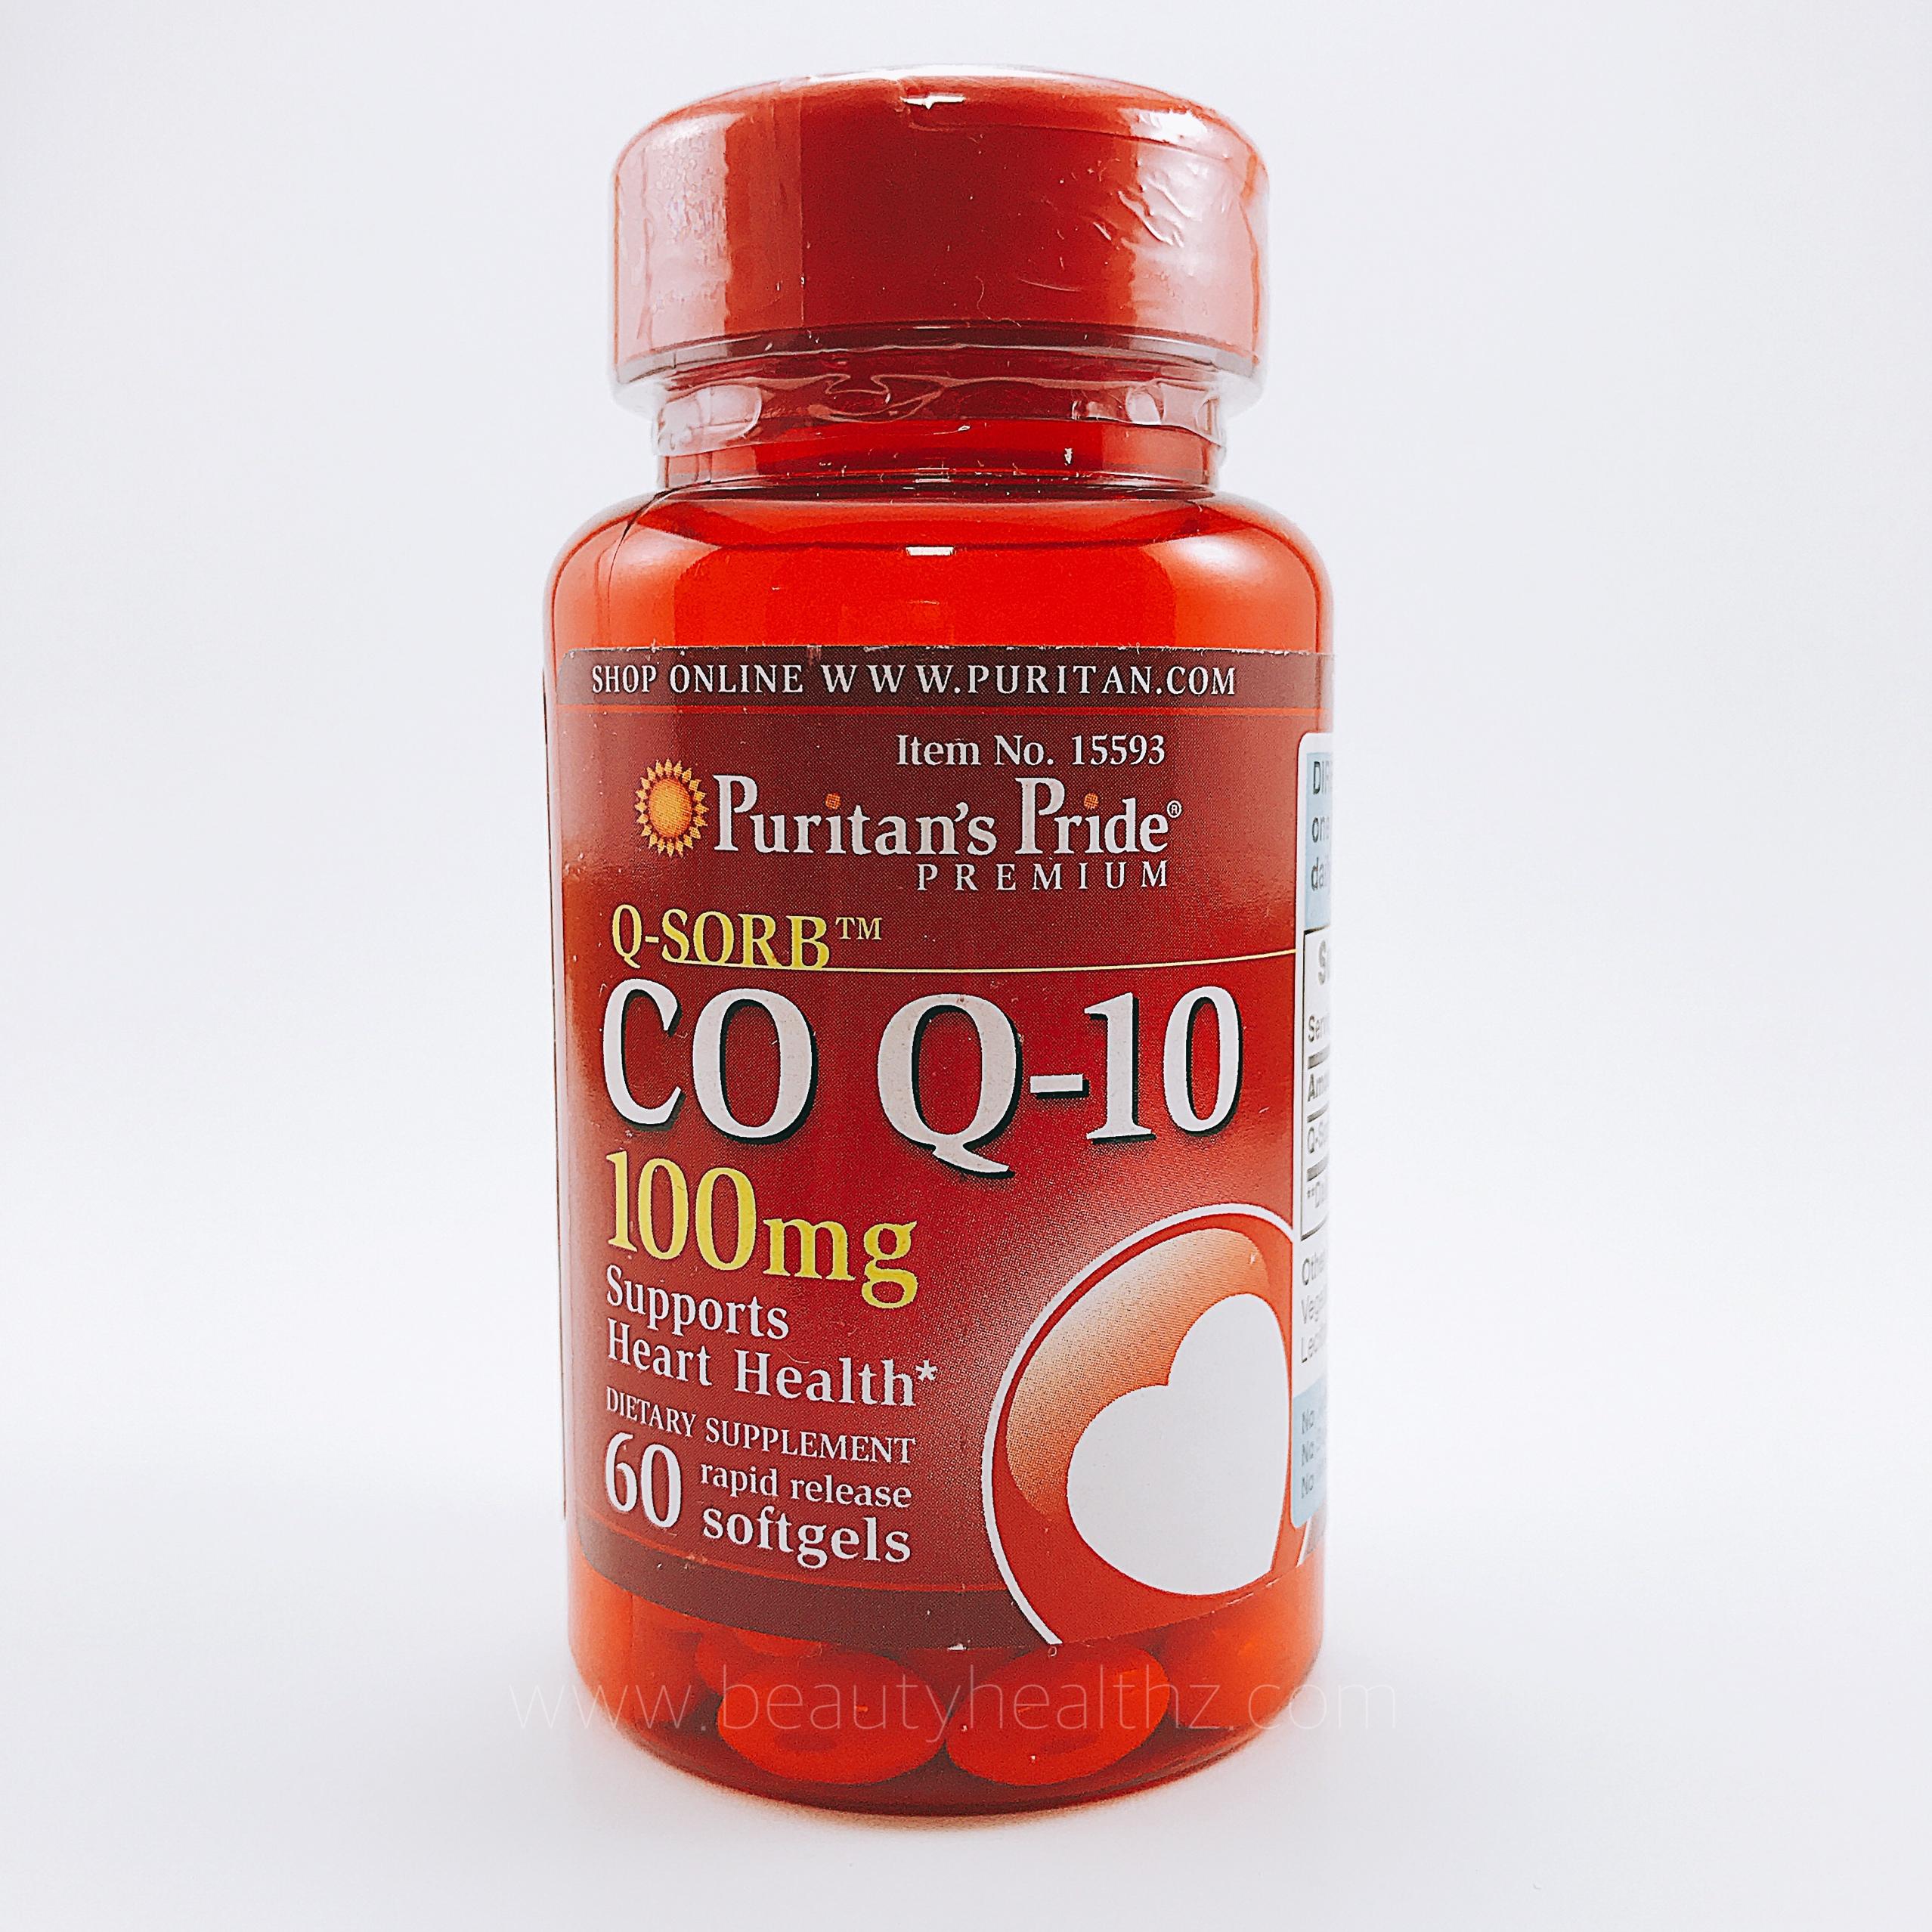 Puritan's Pride, Q-SORB™ Co Q-10 100 mg / 60 Rapid Release Softgels